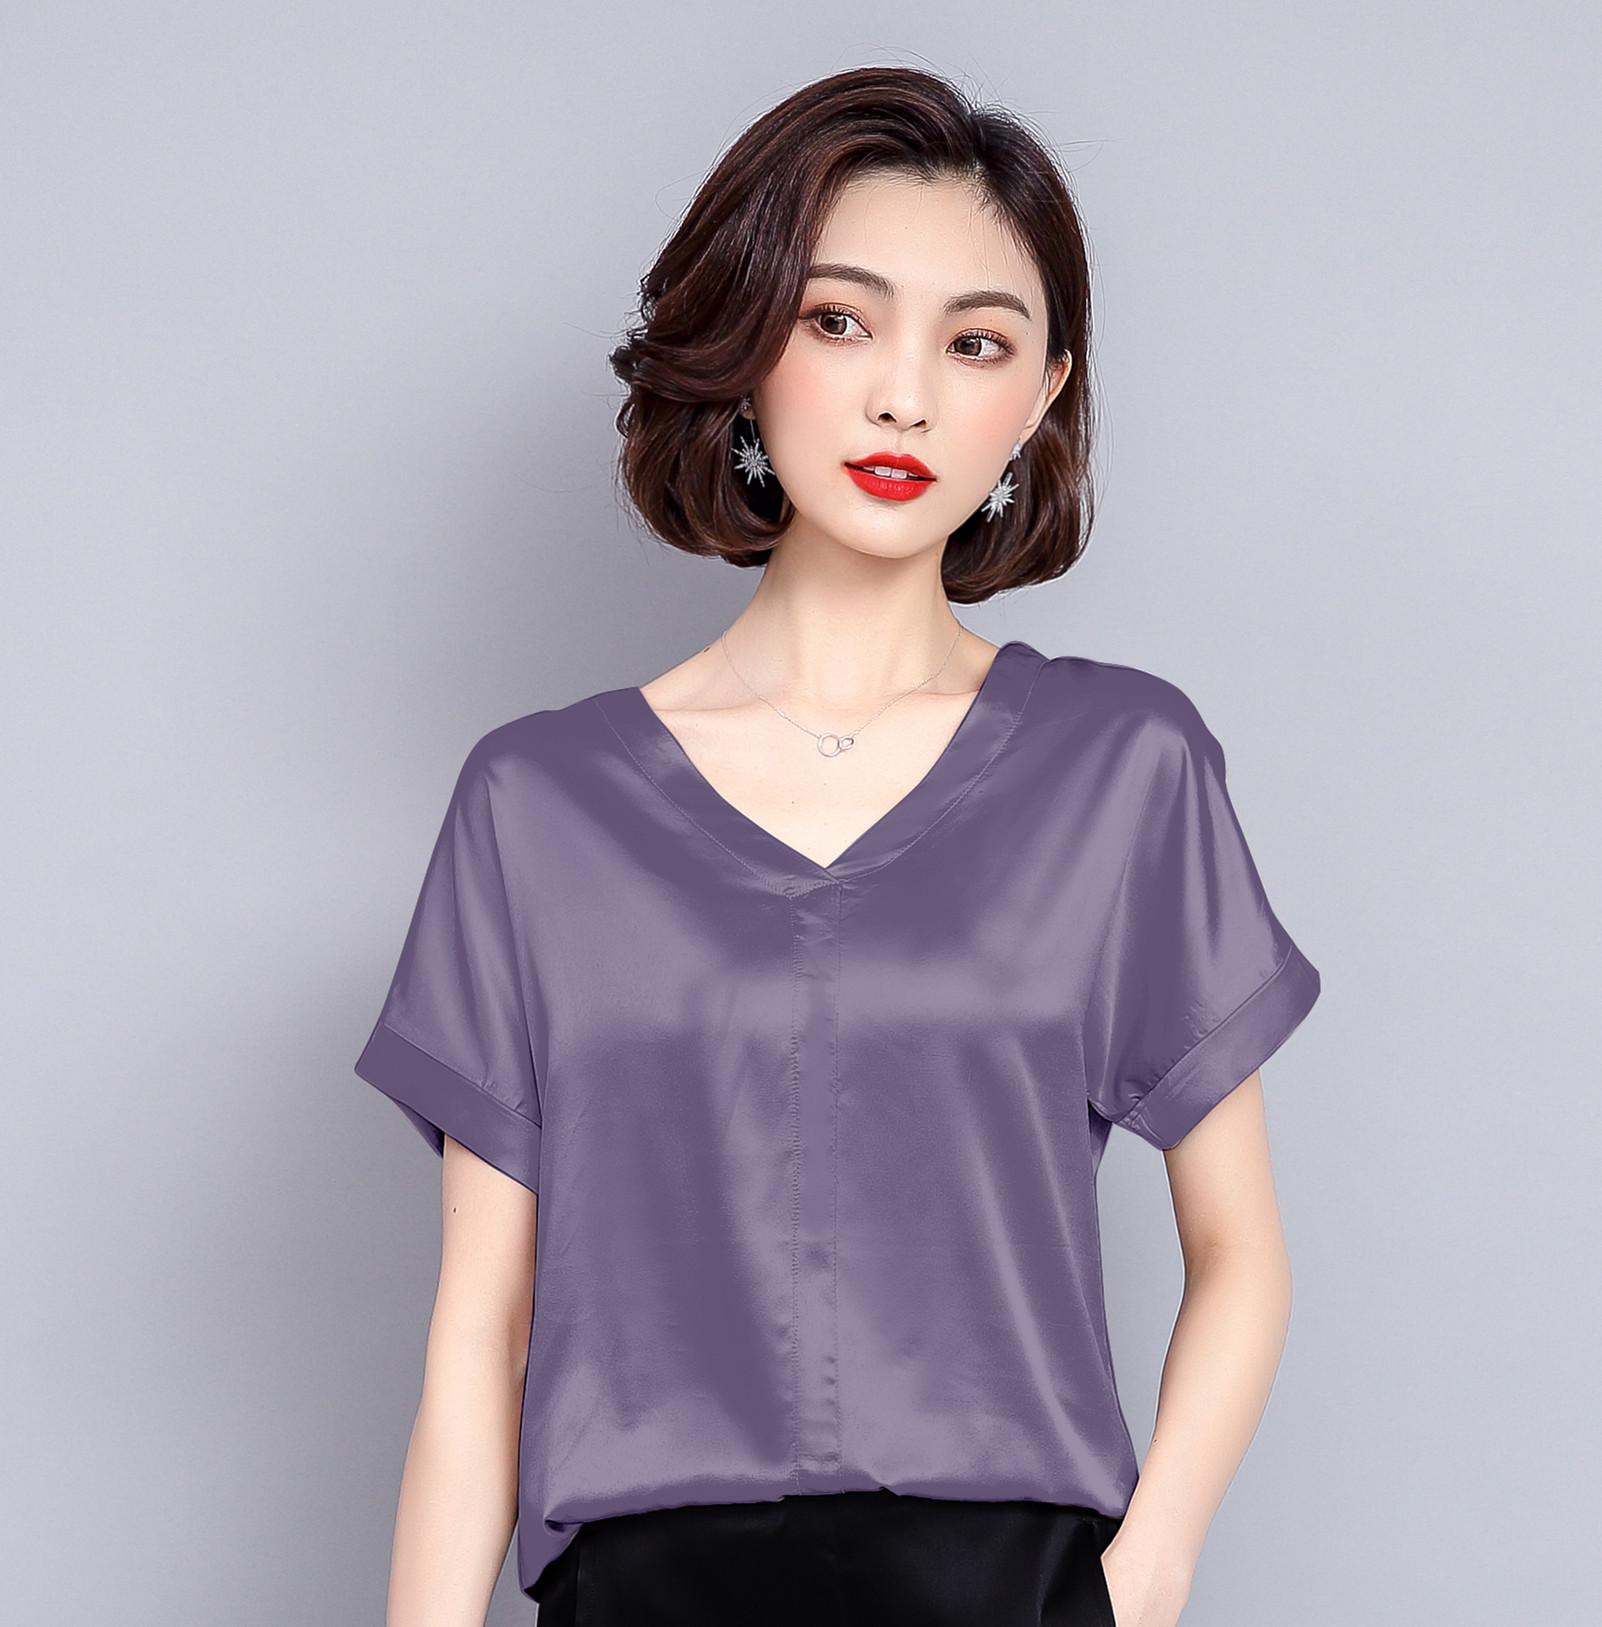 秋水哥弟正品牌2018新款女装夏季大码真丝短袖100%桑蚕丝T恤上衣